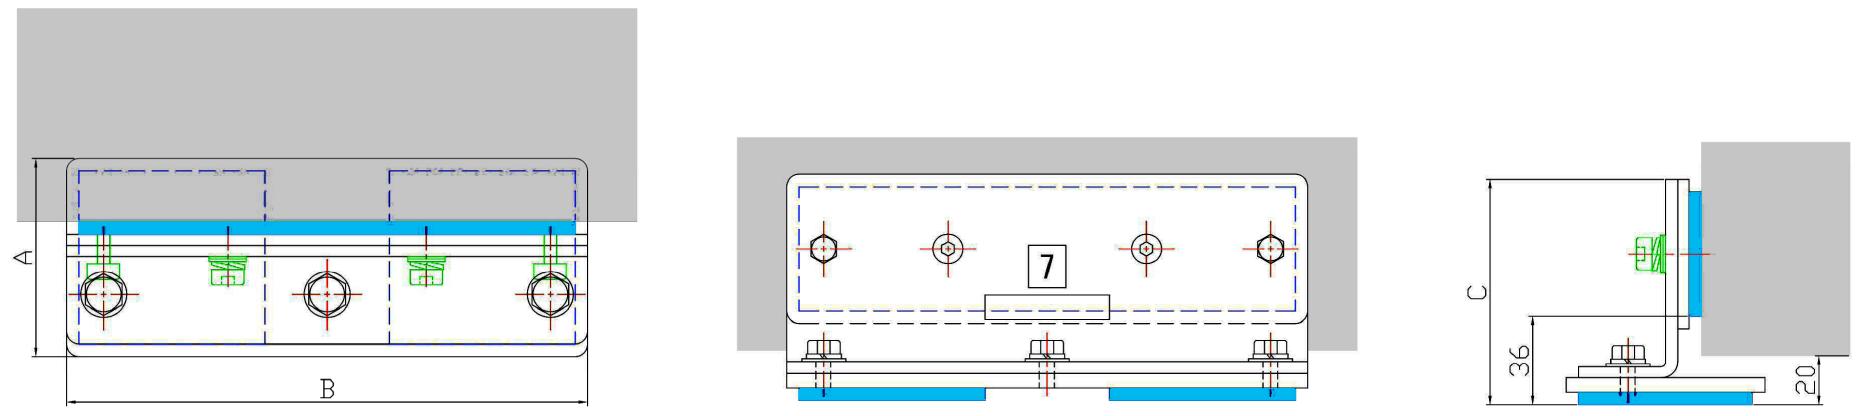 冷蔵庫・恒温槽・書棚・卓上理化学機器用耐震金具 設計図